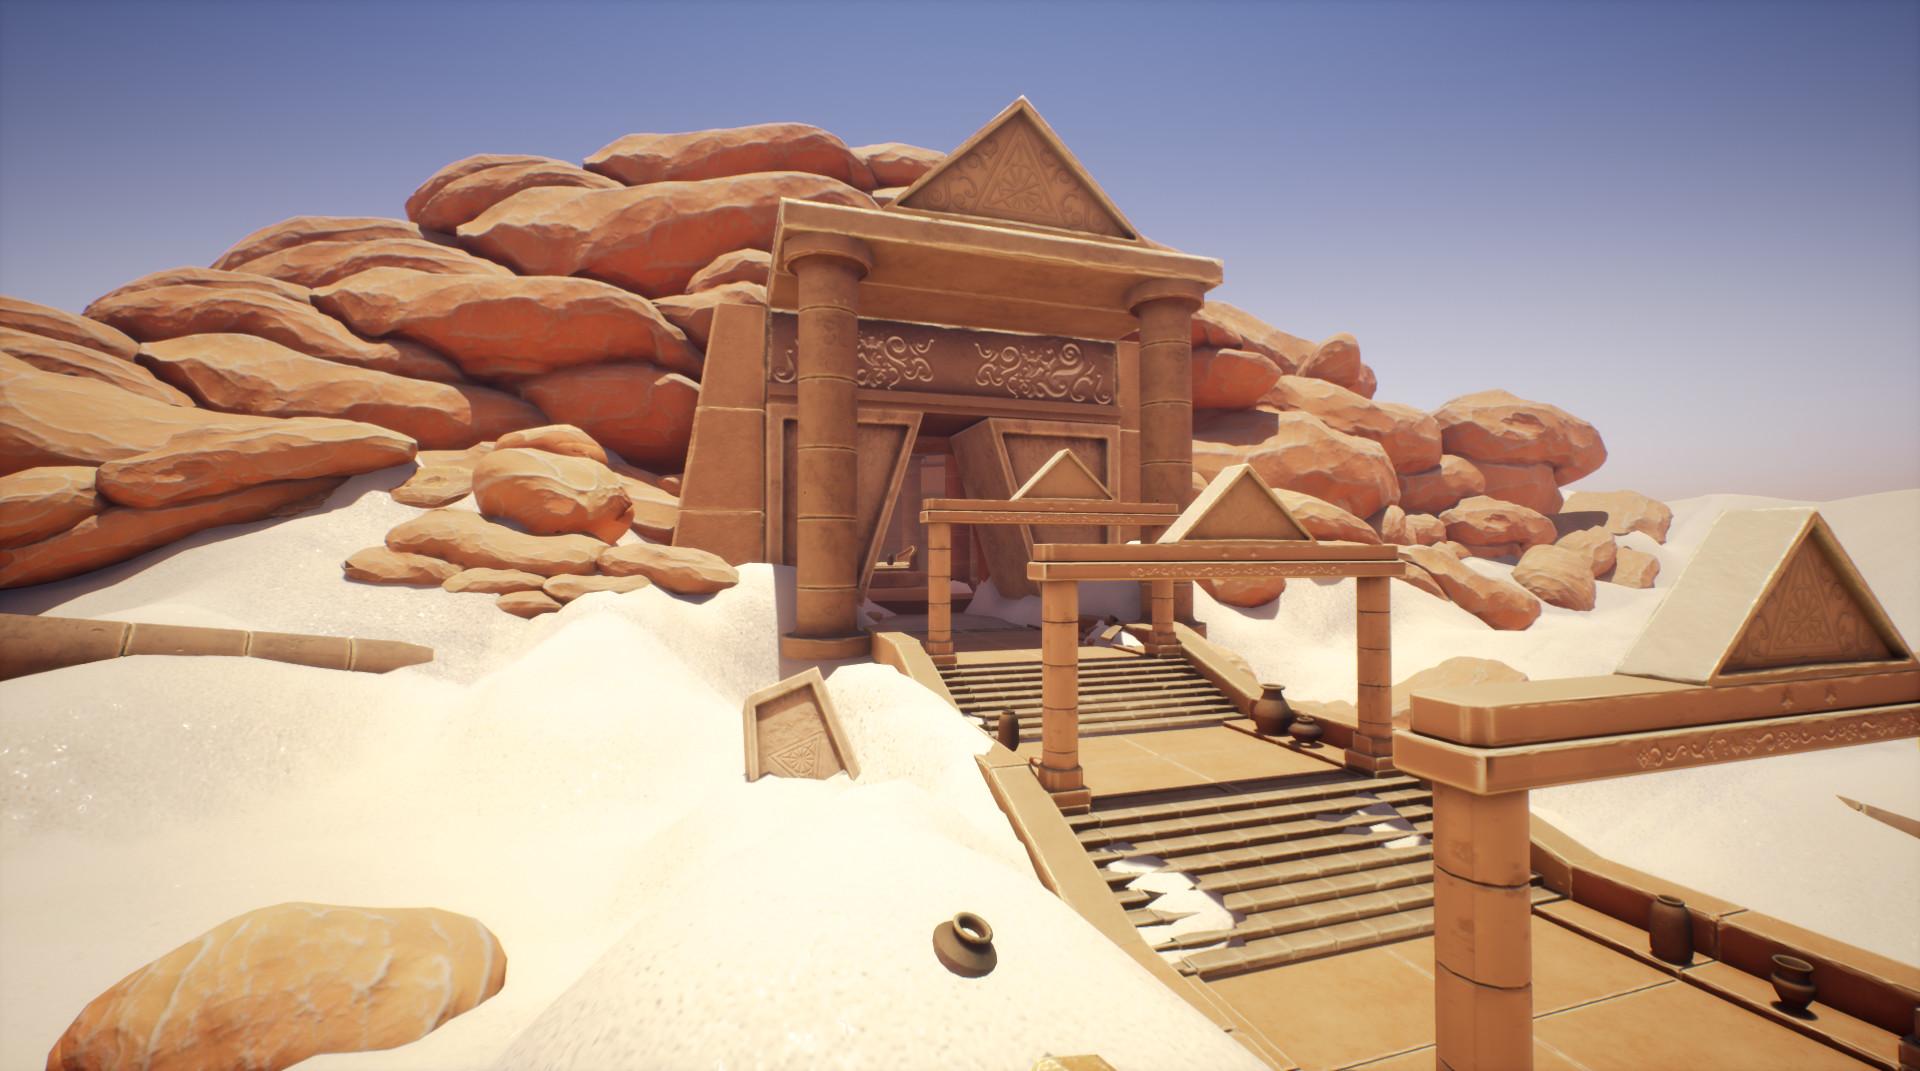 Sun temple environment